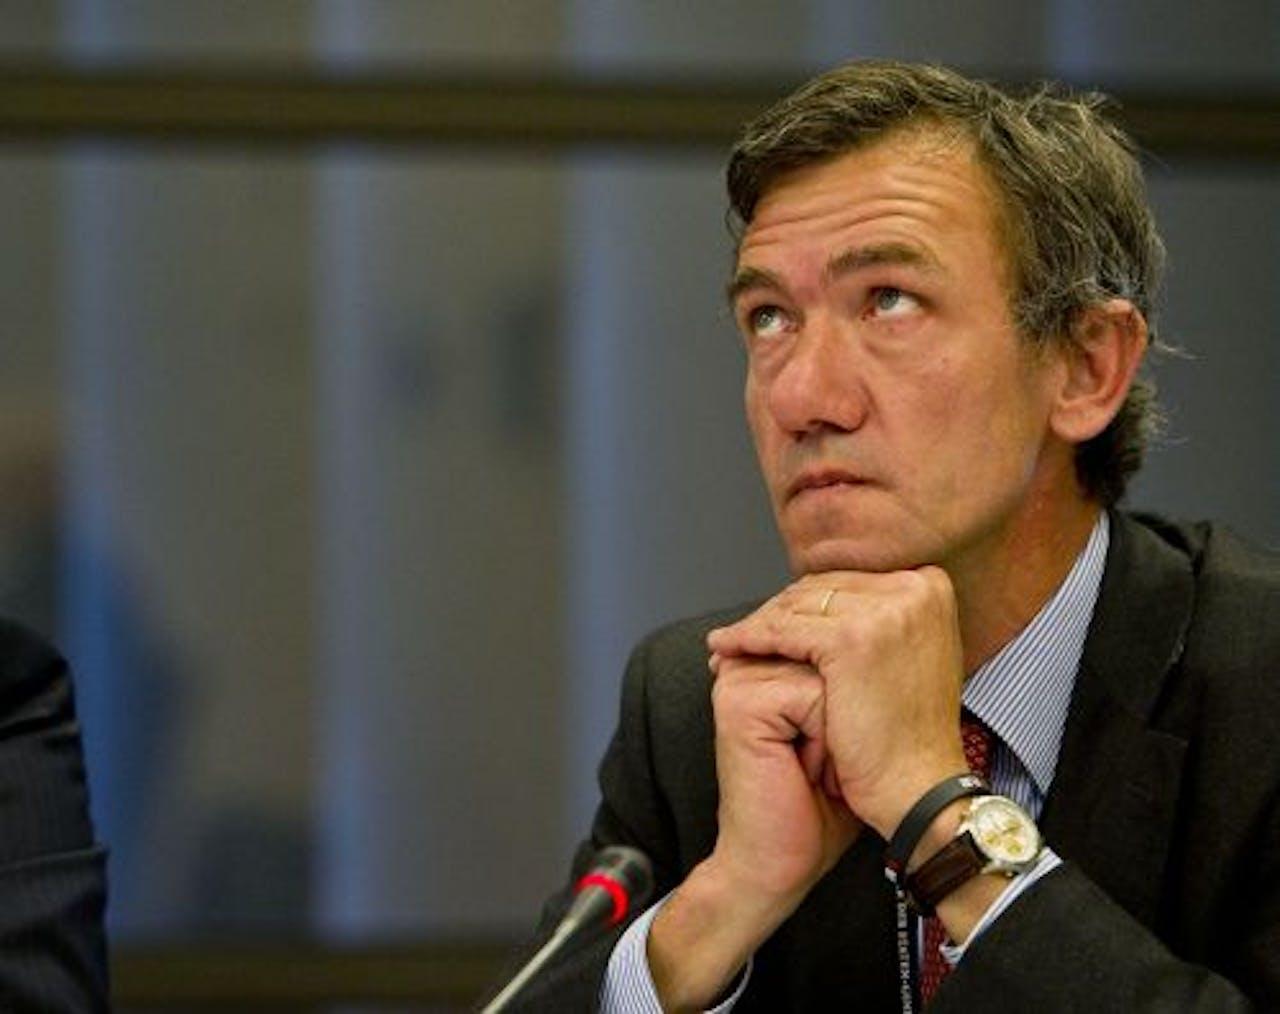 VVD'er Matthijs Huizing. ANP